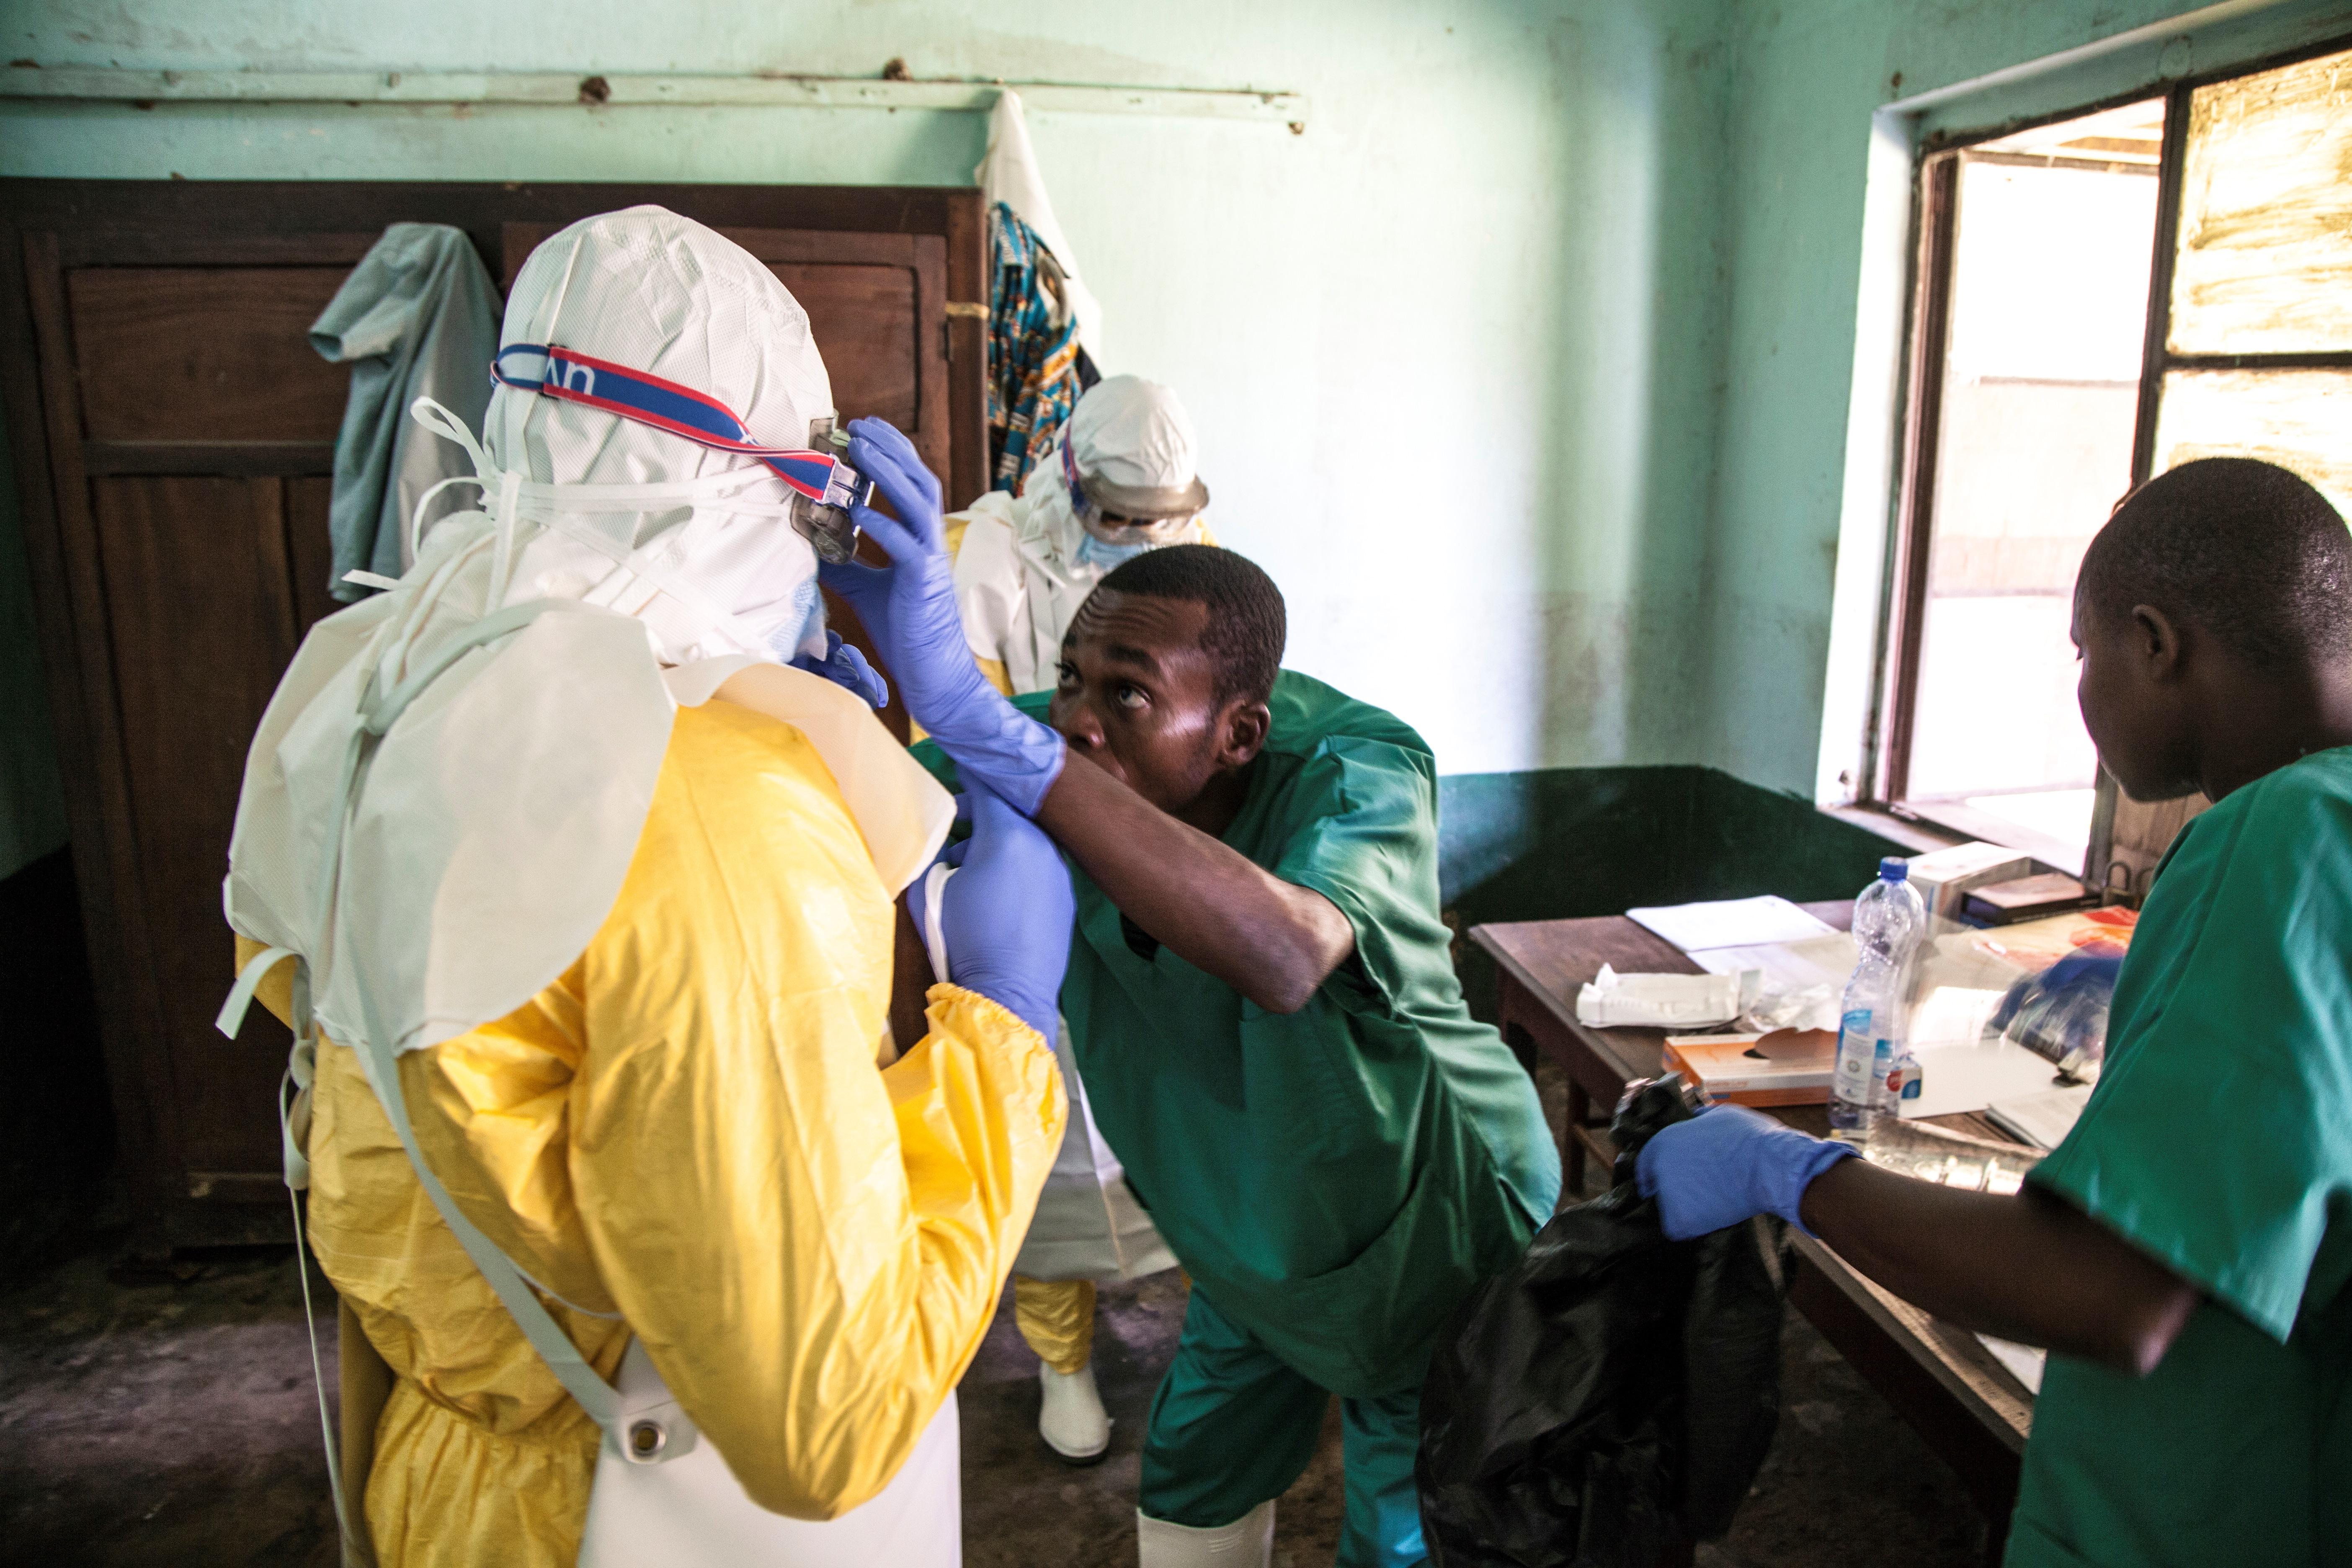 Operadores sanitarios se preparan para atender a un paciente contagiado por ébola en el hospital deBikoro Hospital (AFP/Unicef)